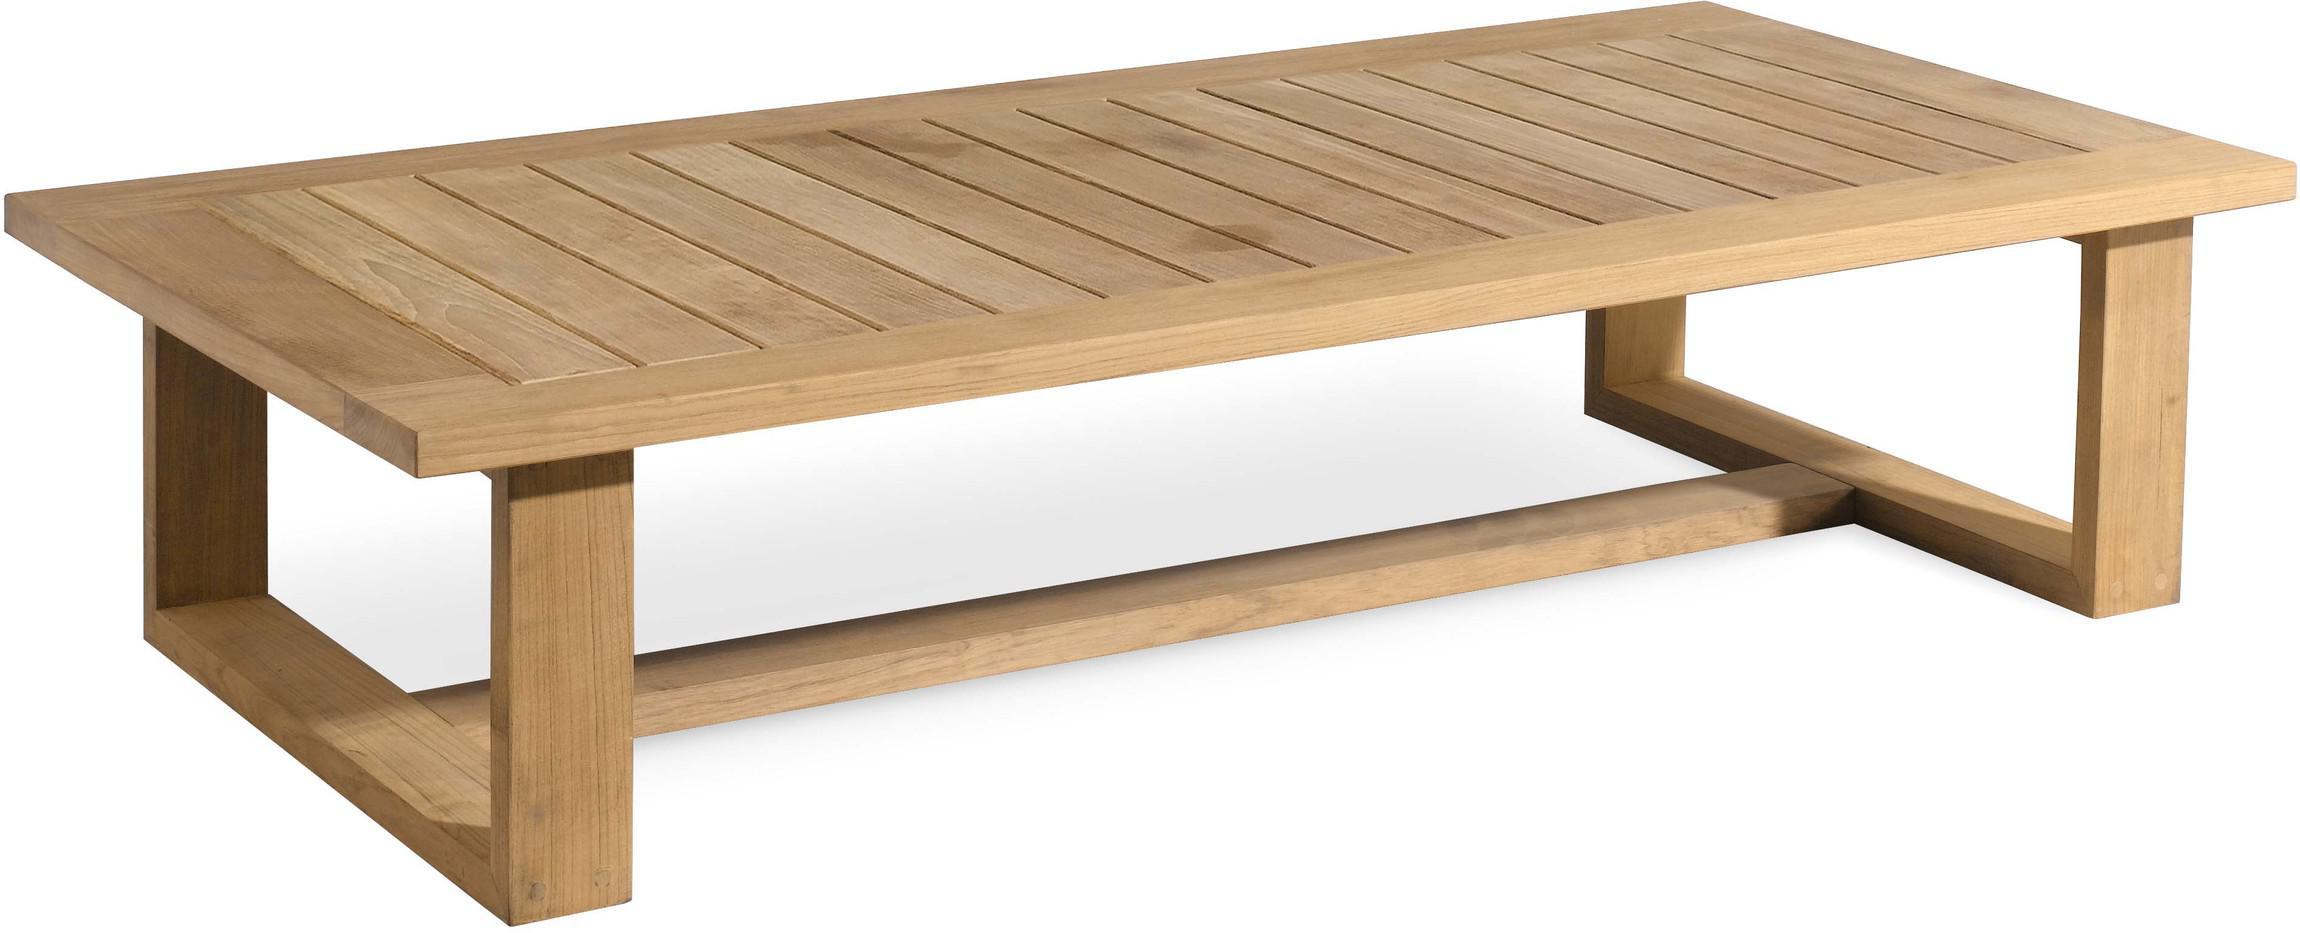 Tavolino Siena - teak - teak 180